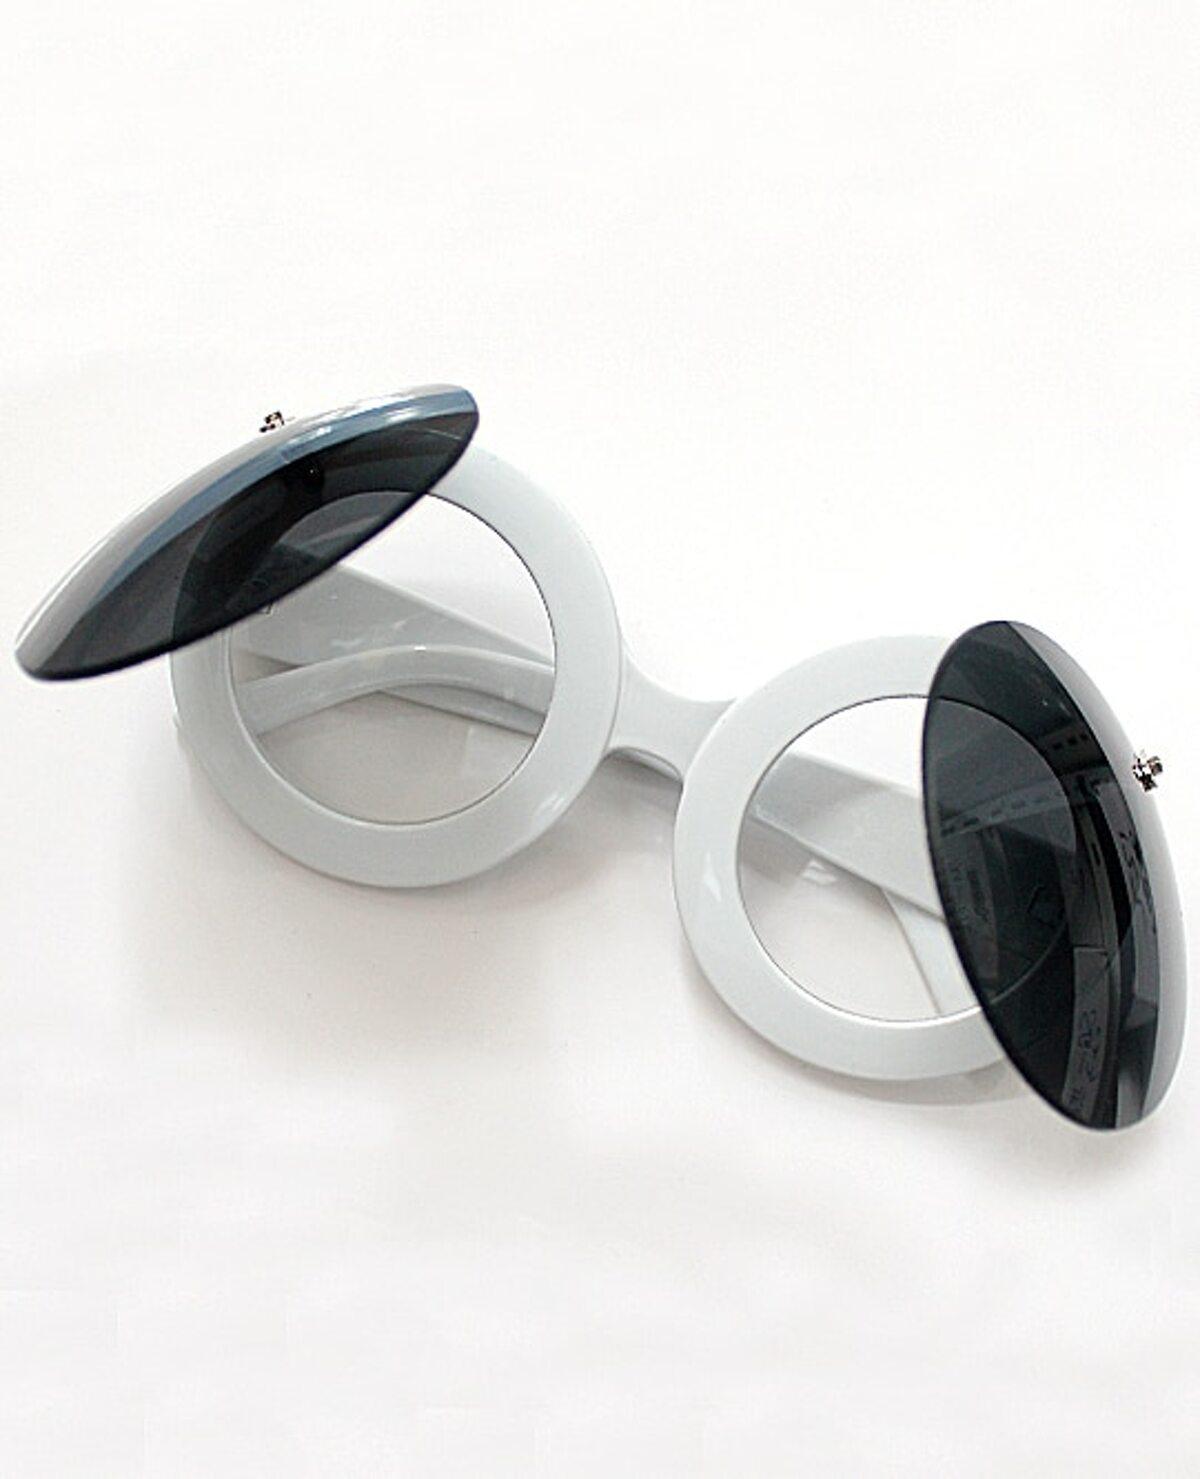 白色 圓形的 鏡片 雙倍 分層 太陽眼鏡